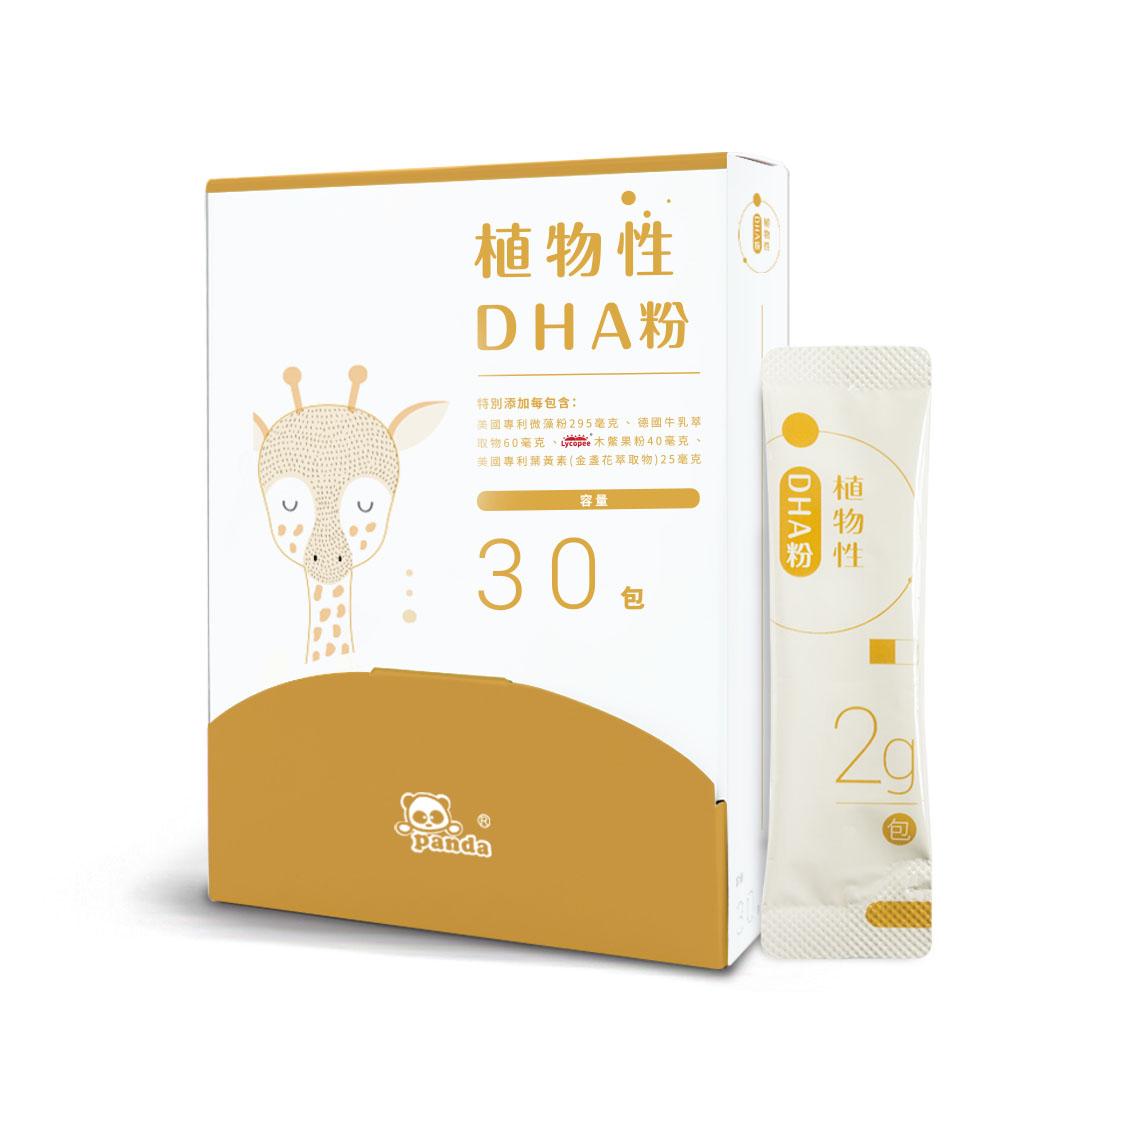 植物性DHA粉 鑫耀生技Panda 隨手包 (30入)  MFGM 乳脂球膜